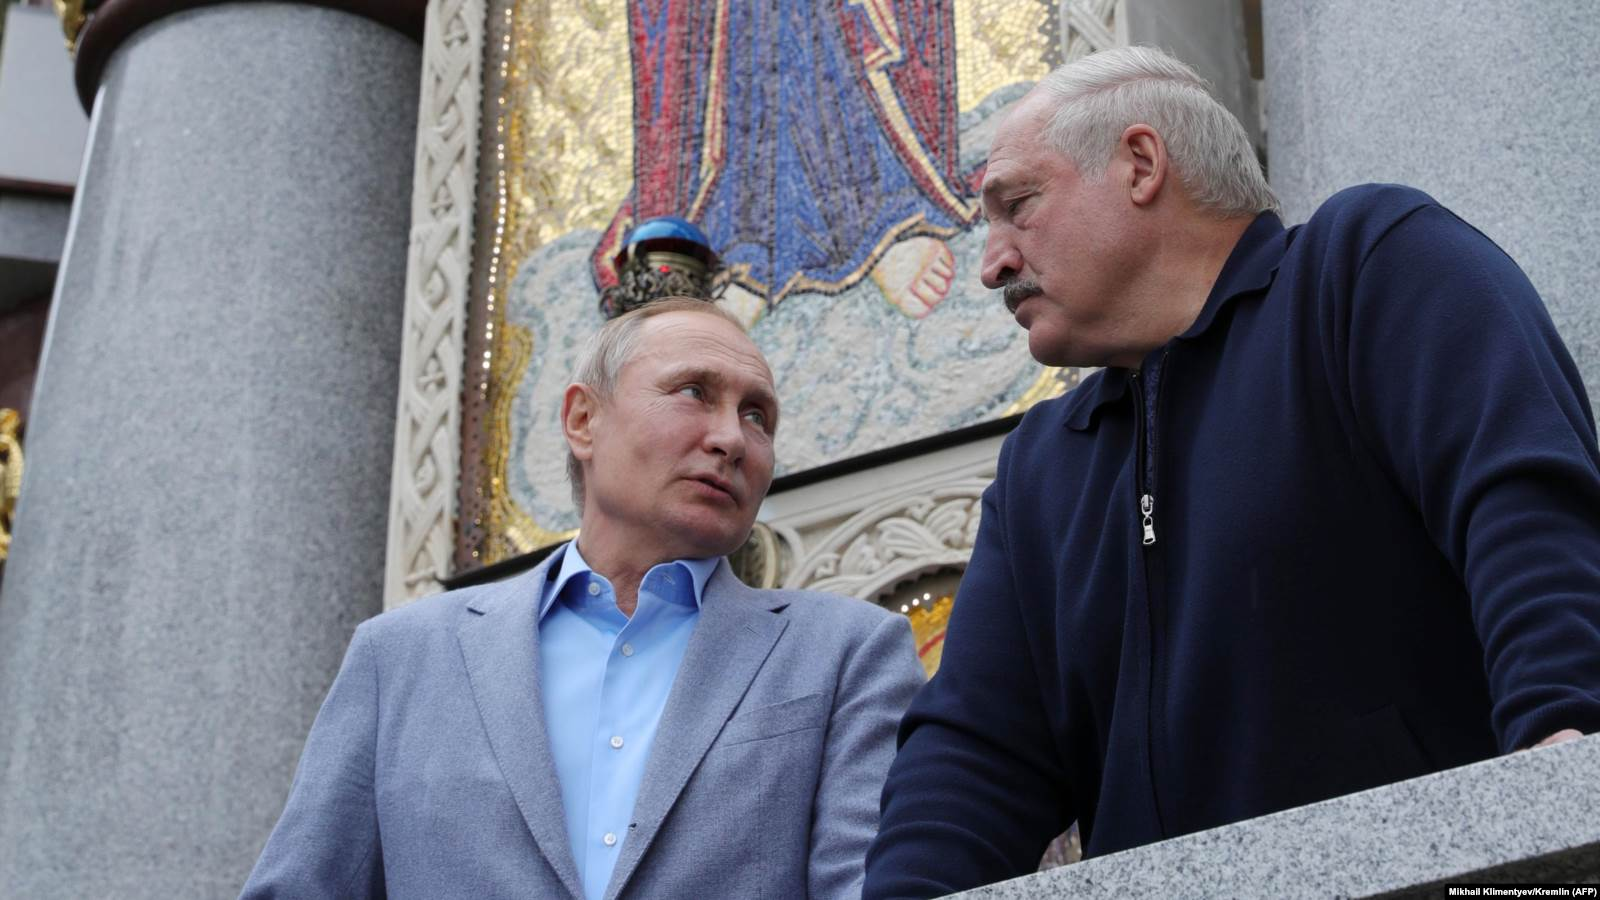 Президент России Владимир Путин (слева) и президент Беларуси Александр Лукашенко (справа) на Валааме 17 июля 2019 года. Фото: AFP